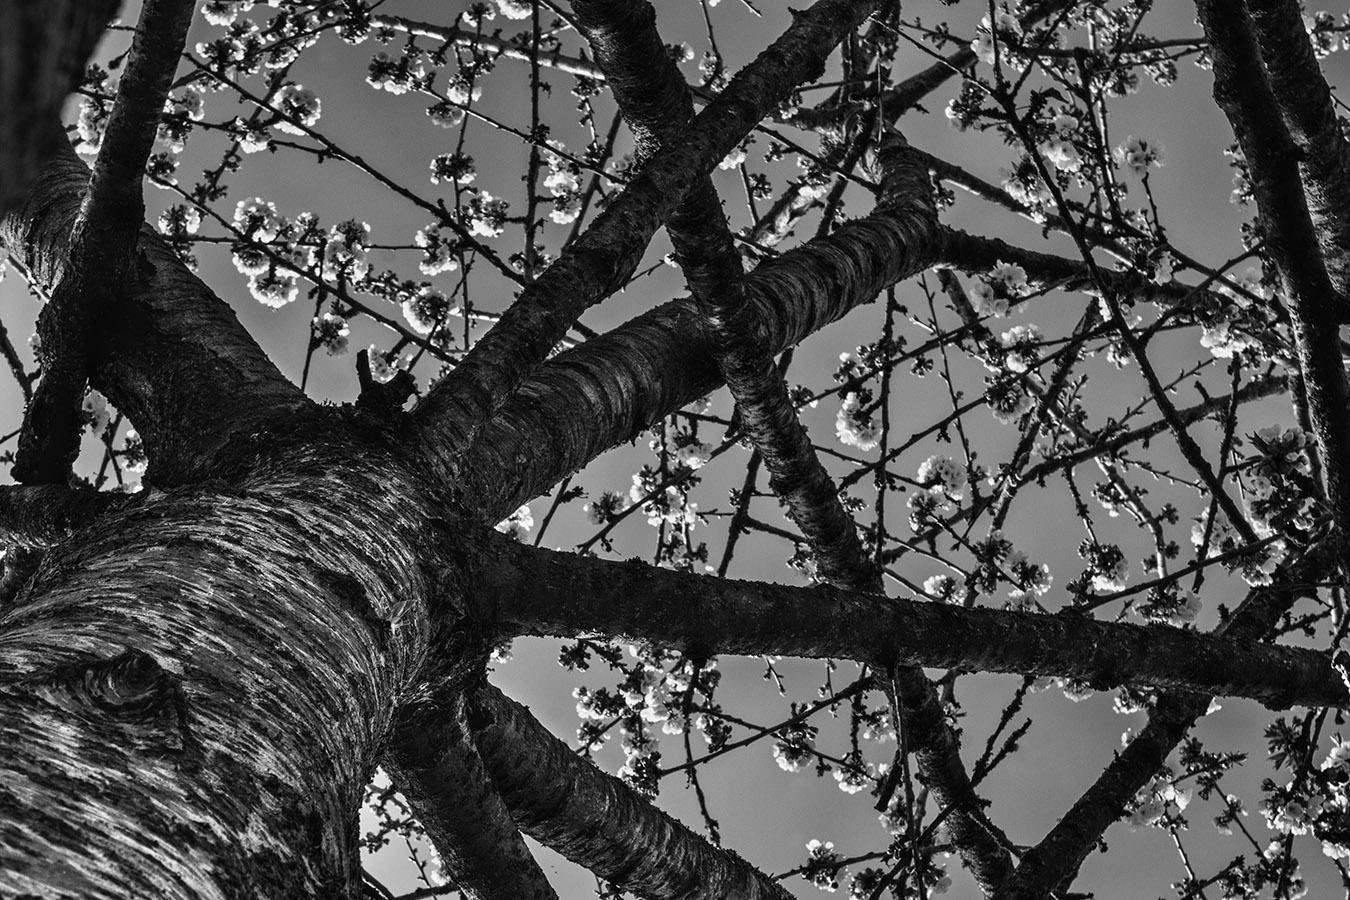 Un vieux cerisier en fleurs ; printemps en noir et blanc